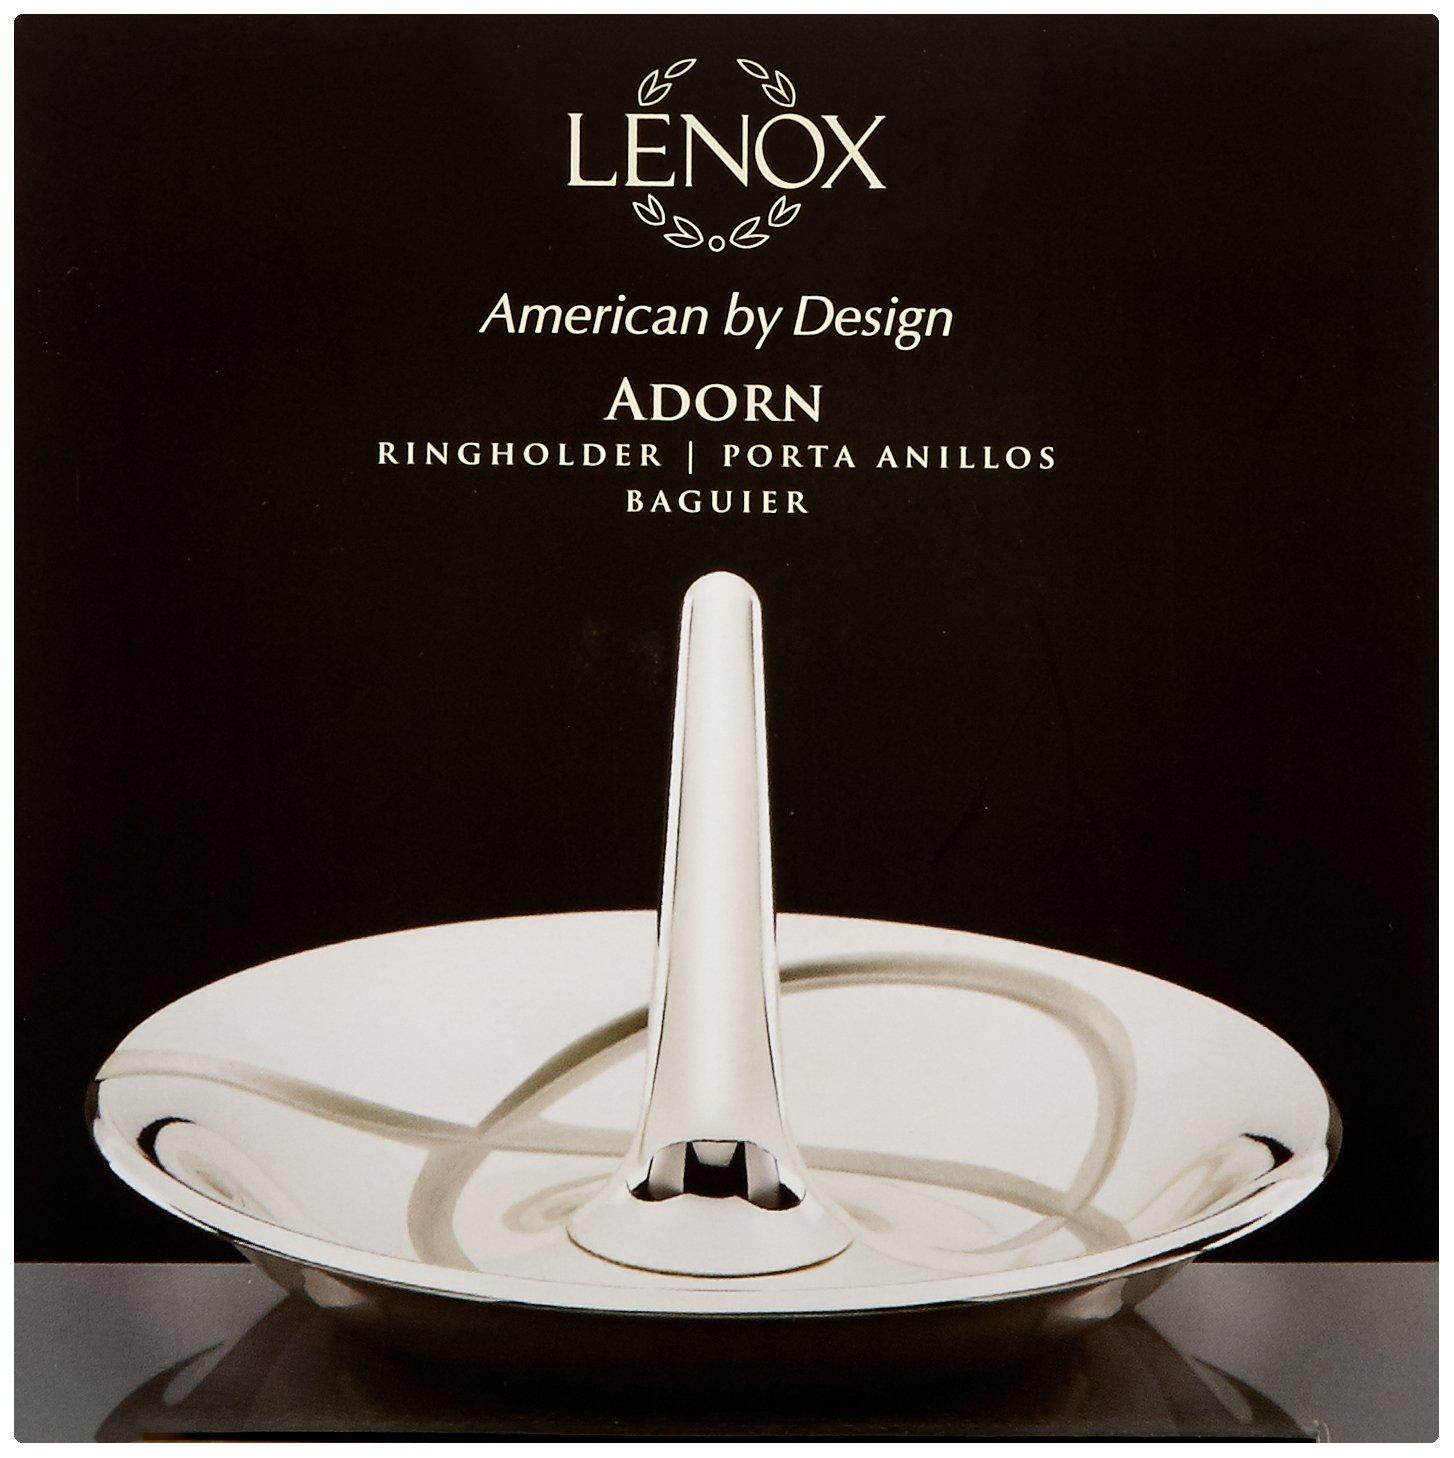 Set of 2 B00C9Q47WU Clear Lenox Adorn Toasting Flute